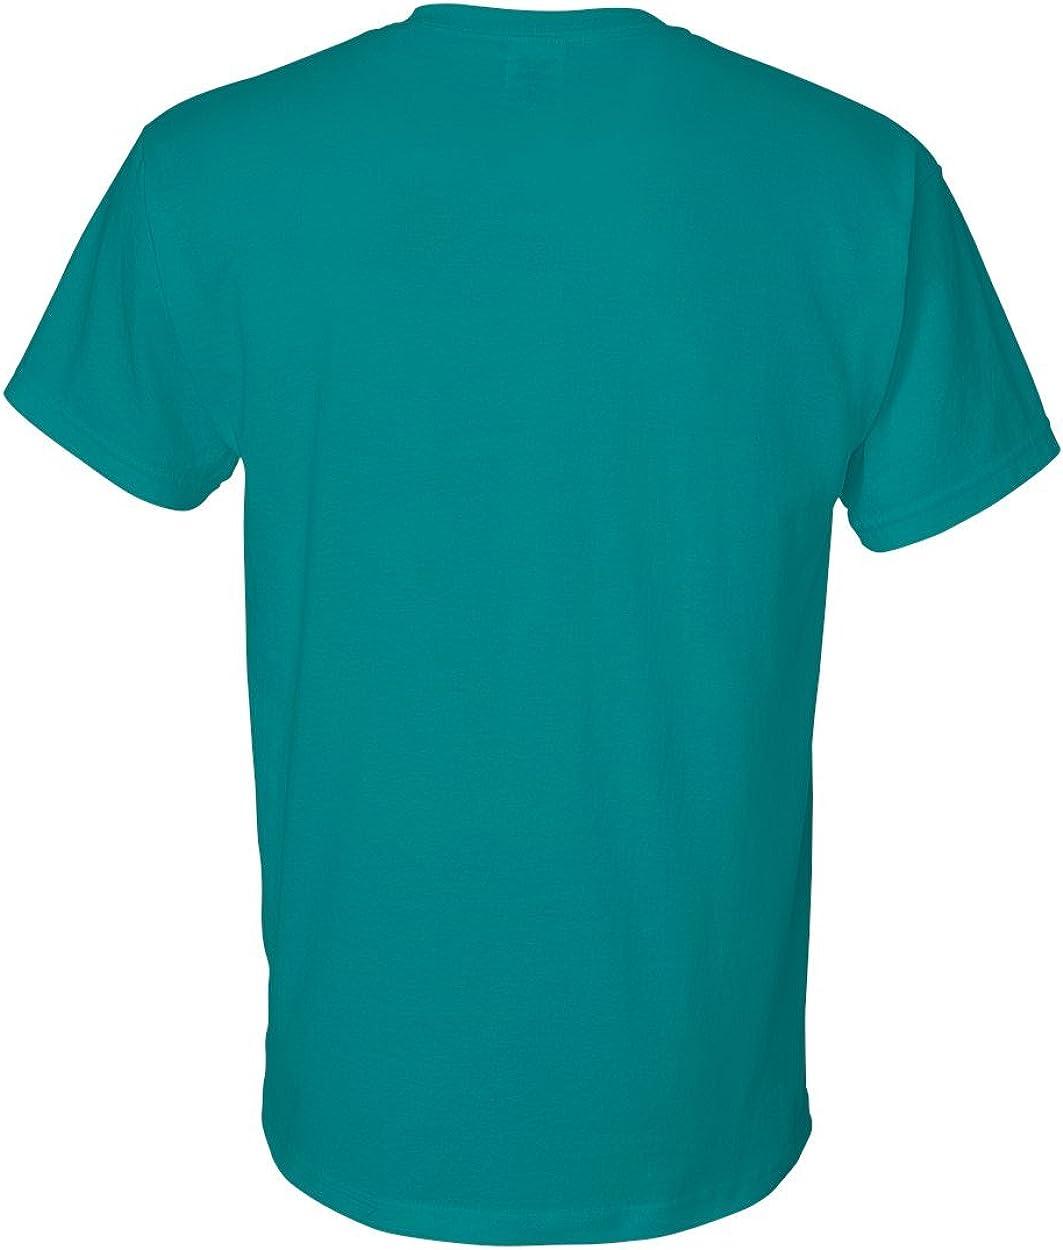 Gildan Adult DryBlend Moisture Wicking T-Shirt ( Pack of 10 ) Jade Dome